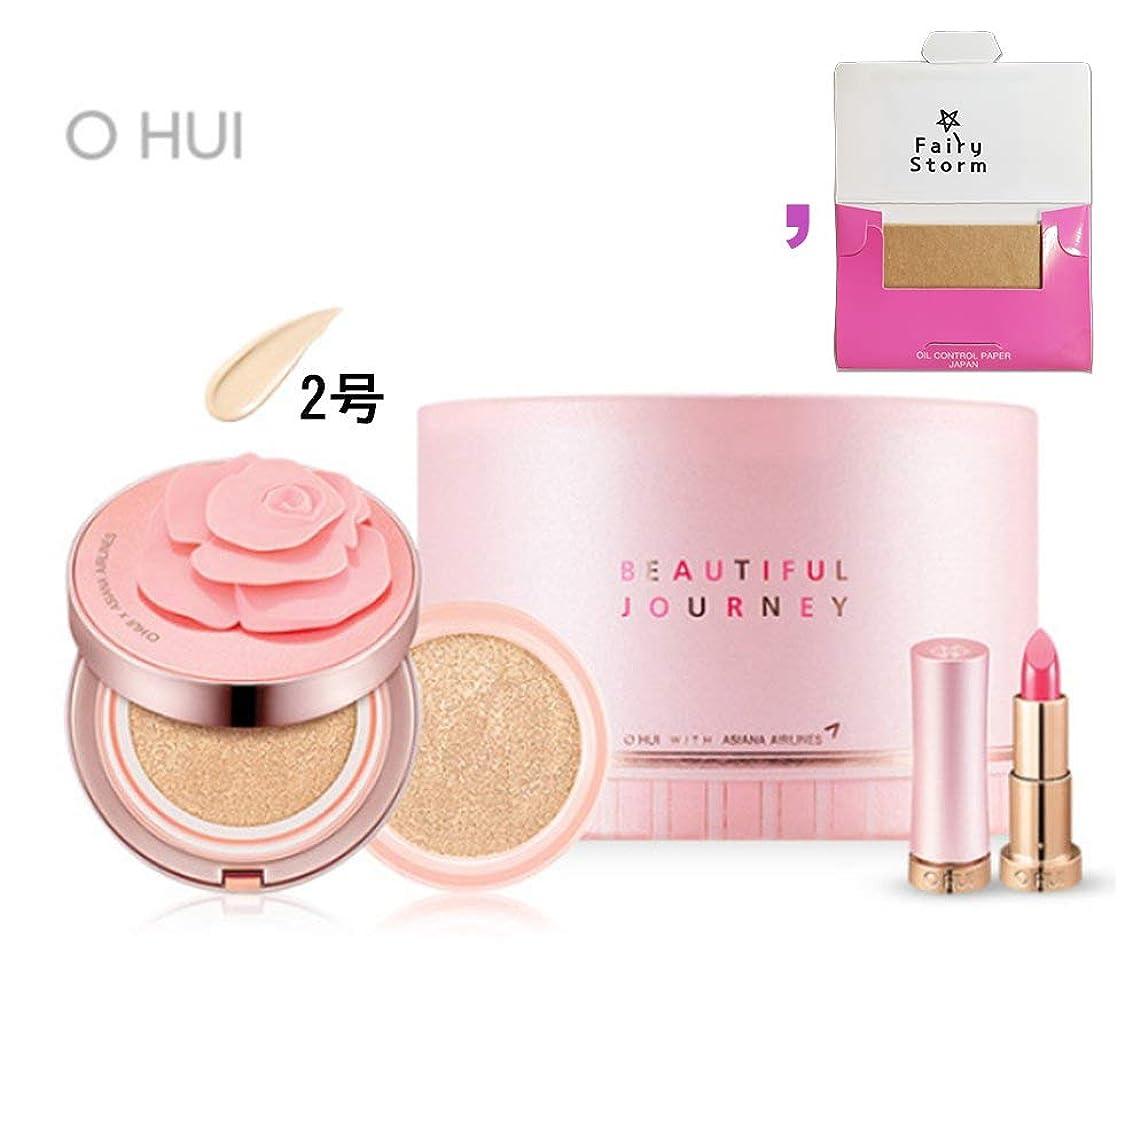 混乱させるモノグラフ乙女[オフィ/ O HUI]ohui Ultimate Cover Moisture Rose Petal Cushion #02. 15g (Genuine) 1EA + 15g (Refill) 1EA/アルティメットカバーモイスチャーローズペタル2号+ [Sample Gift](海外直送品)